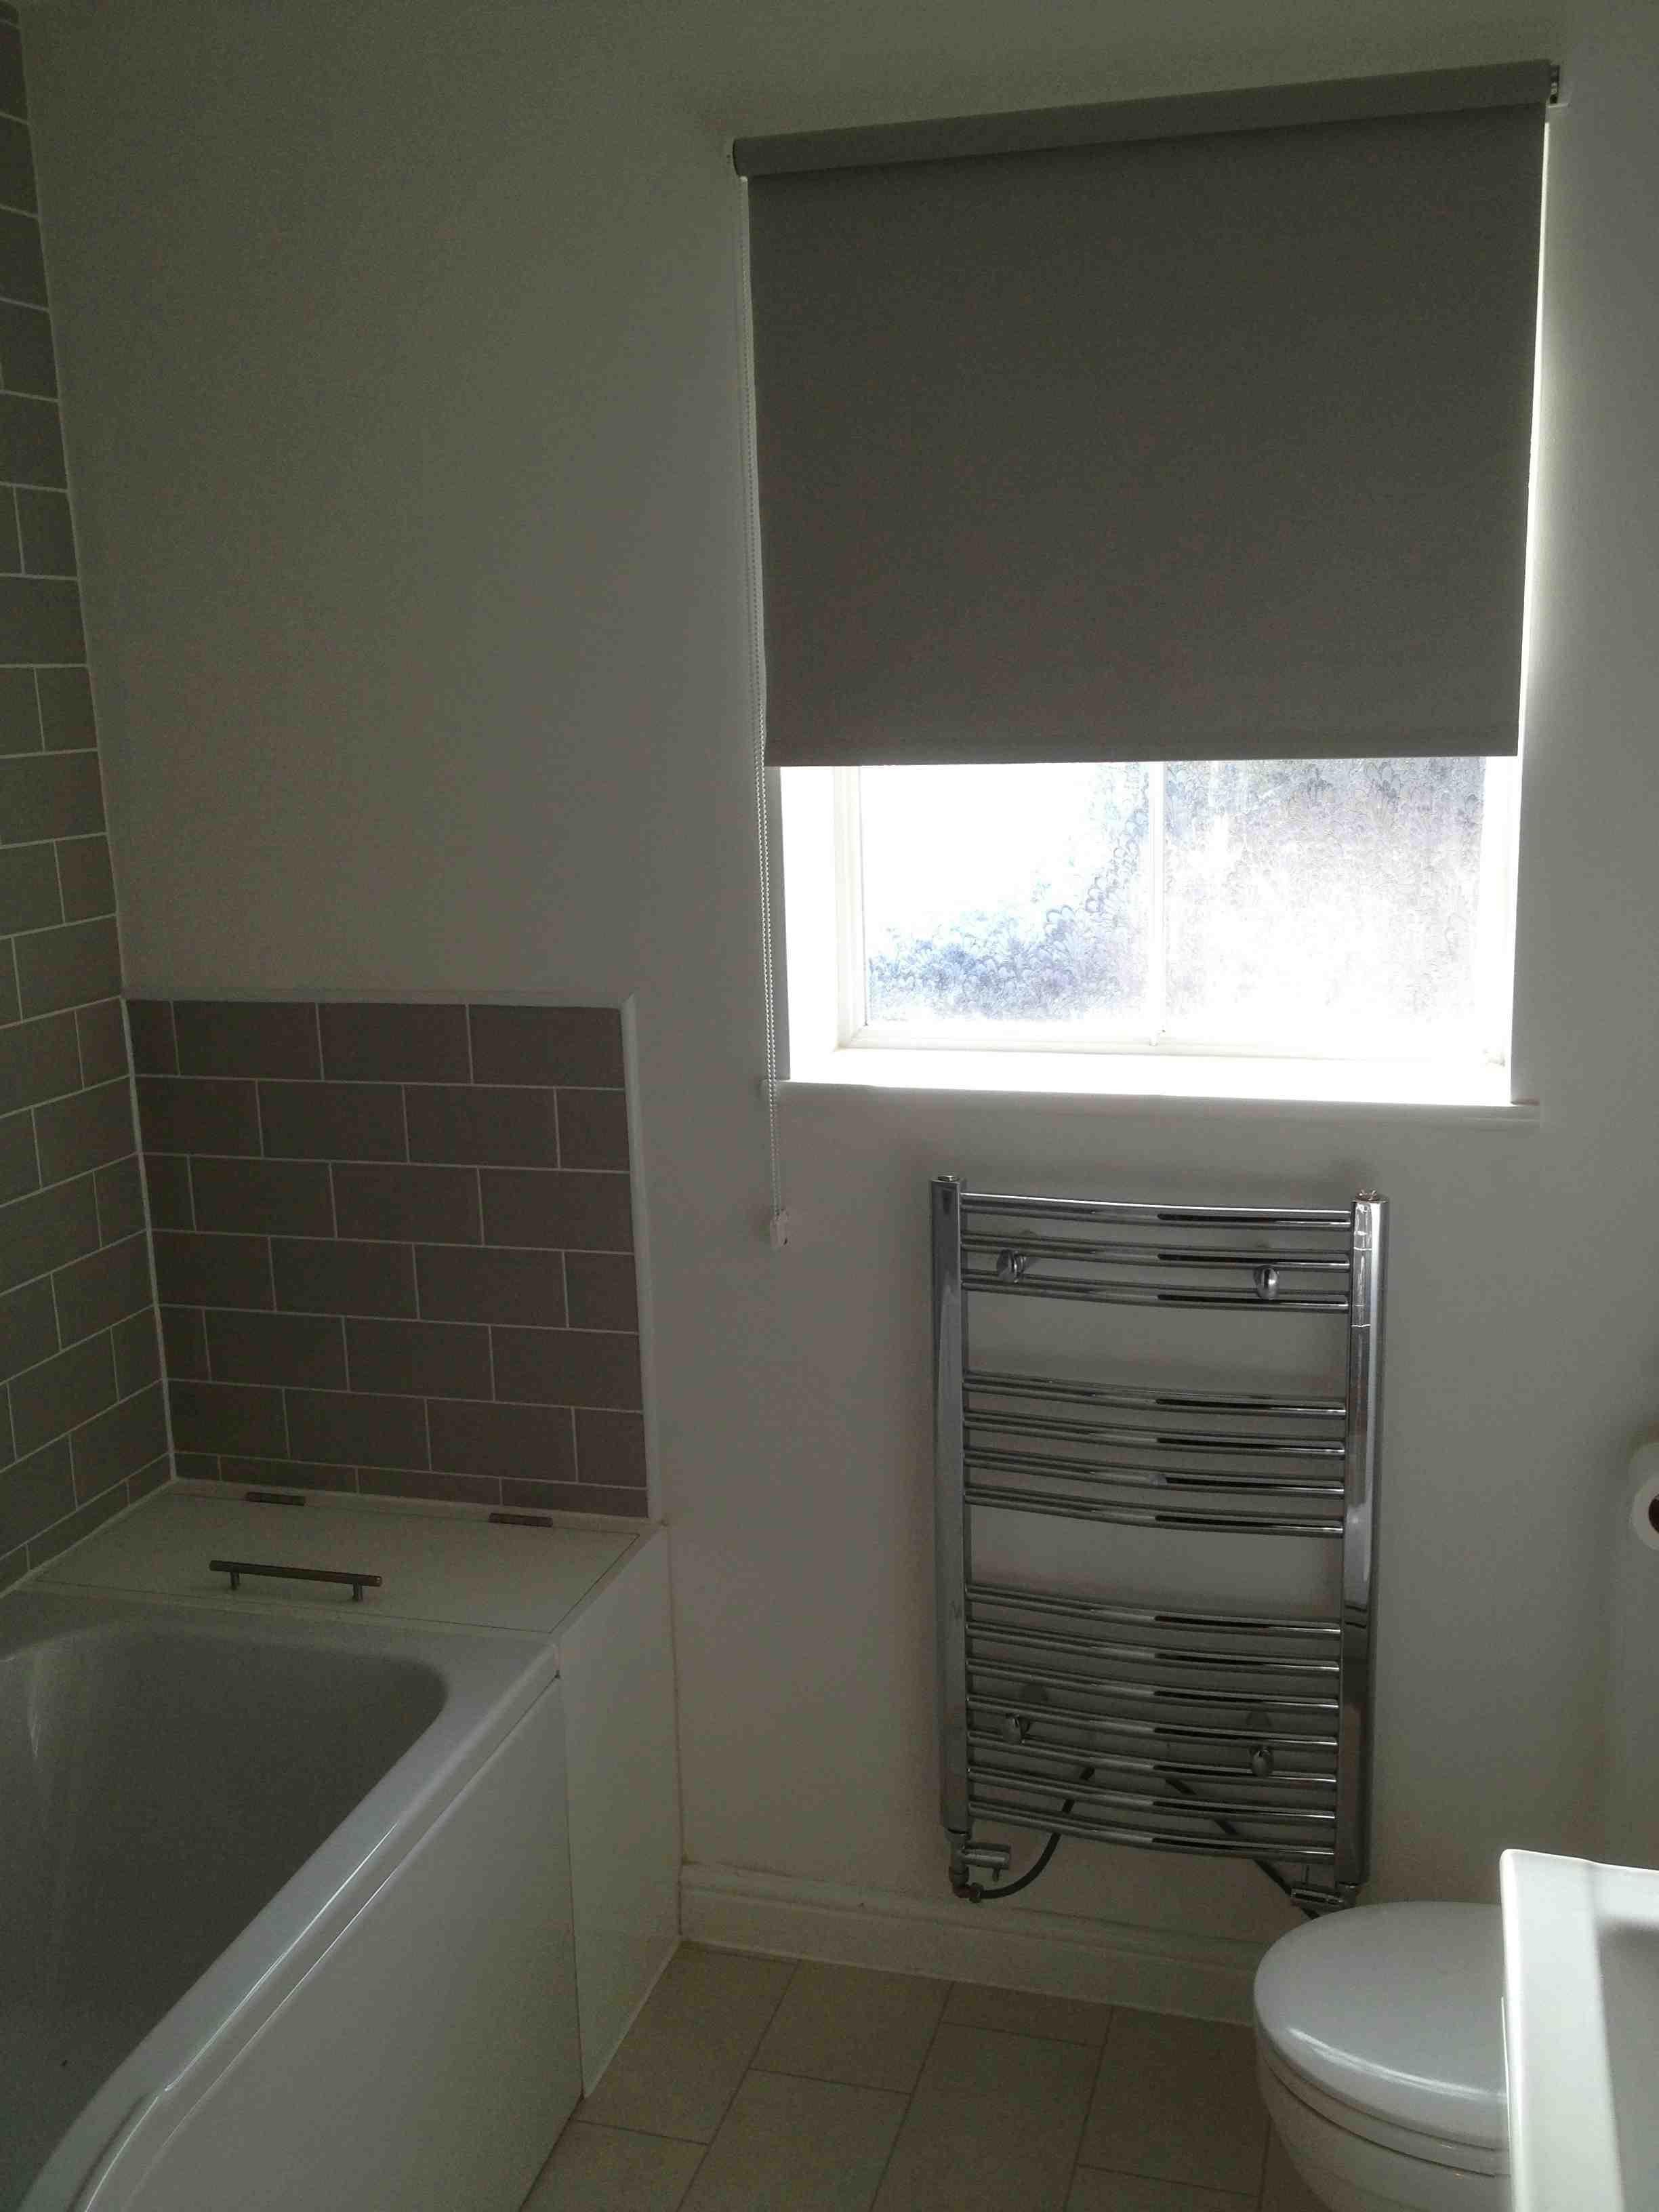 Half Tiled Or Fully Tiled Bathroom Walls? - UK Bathroom Guru